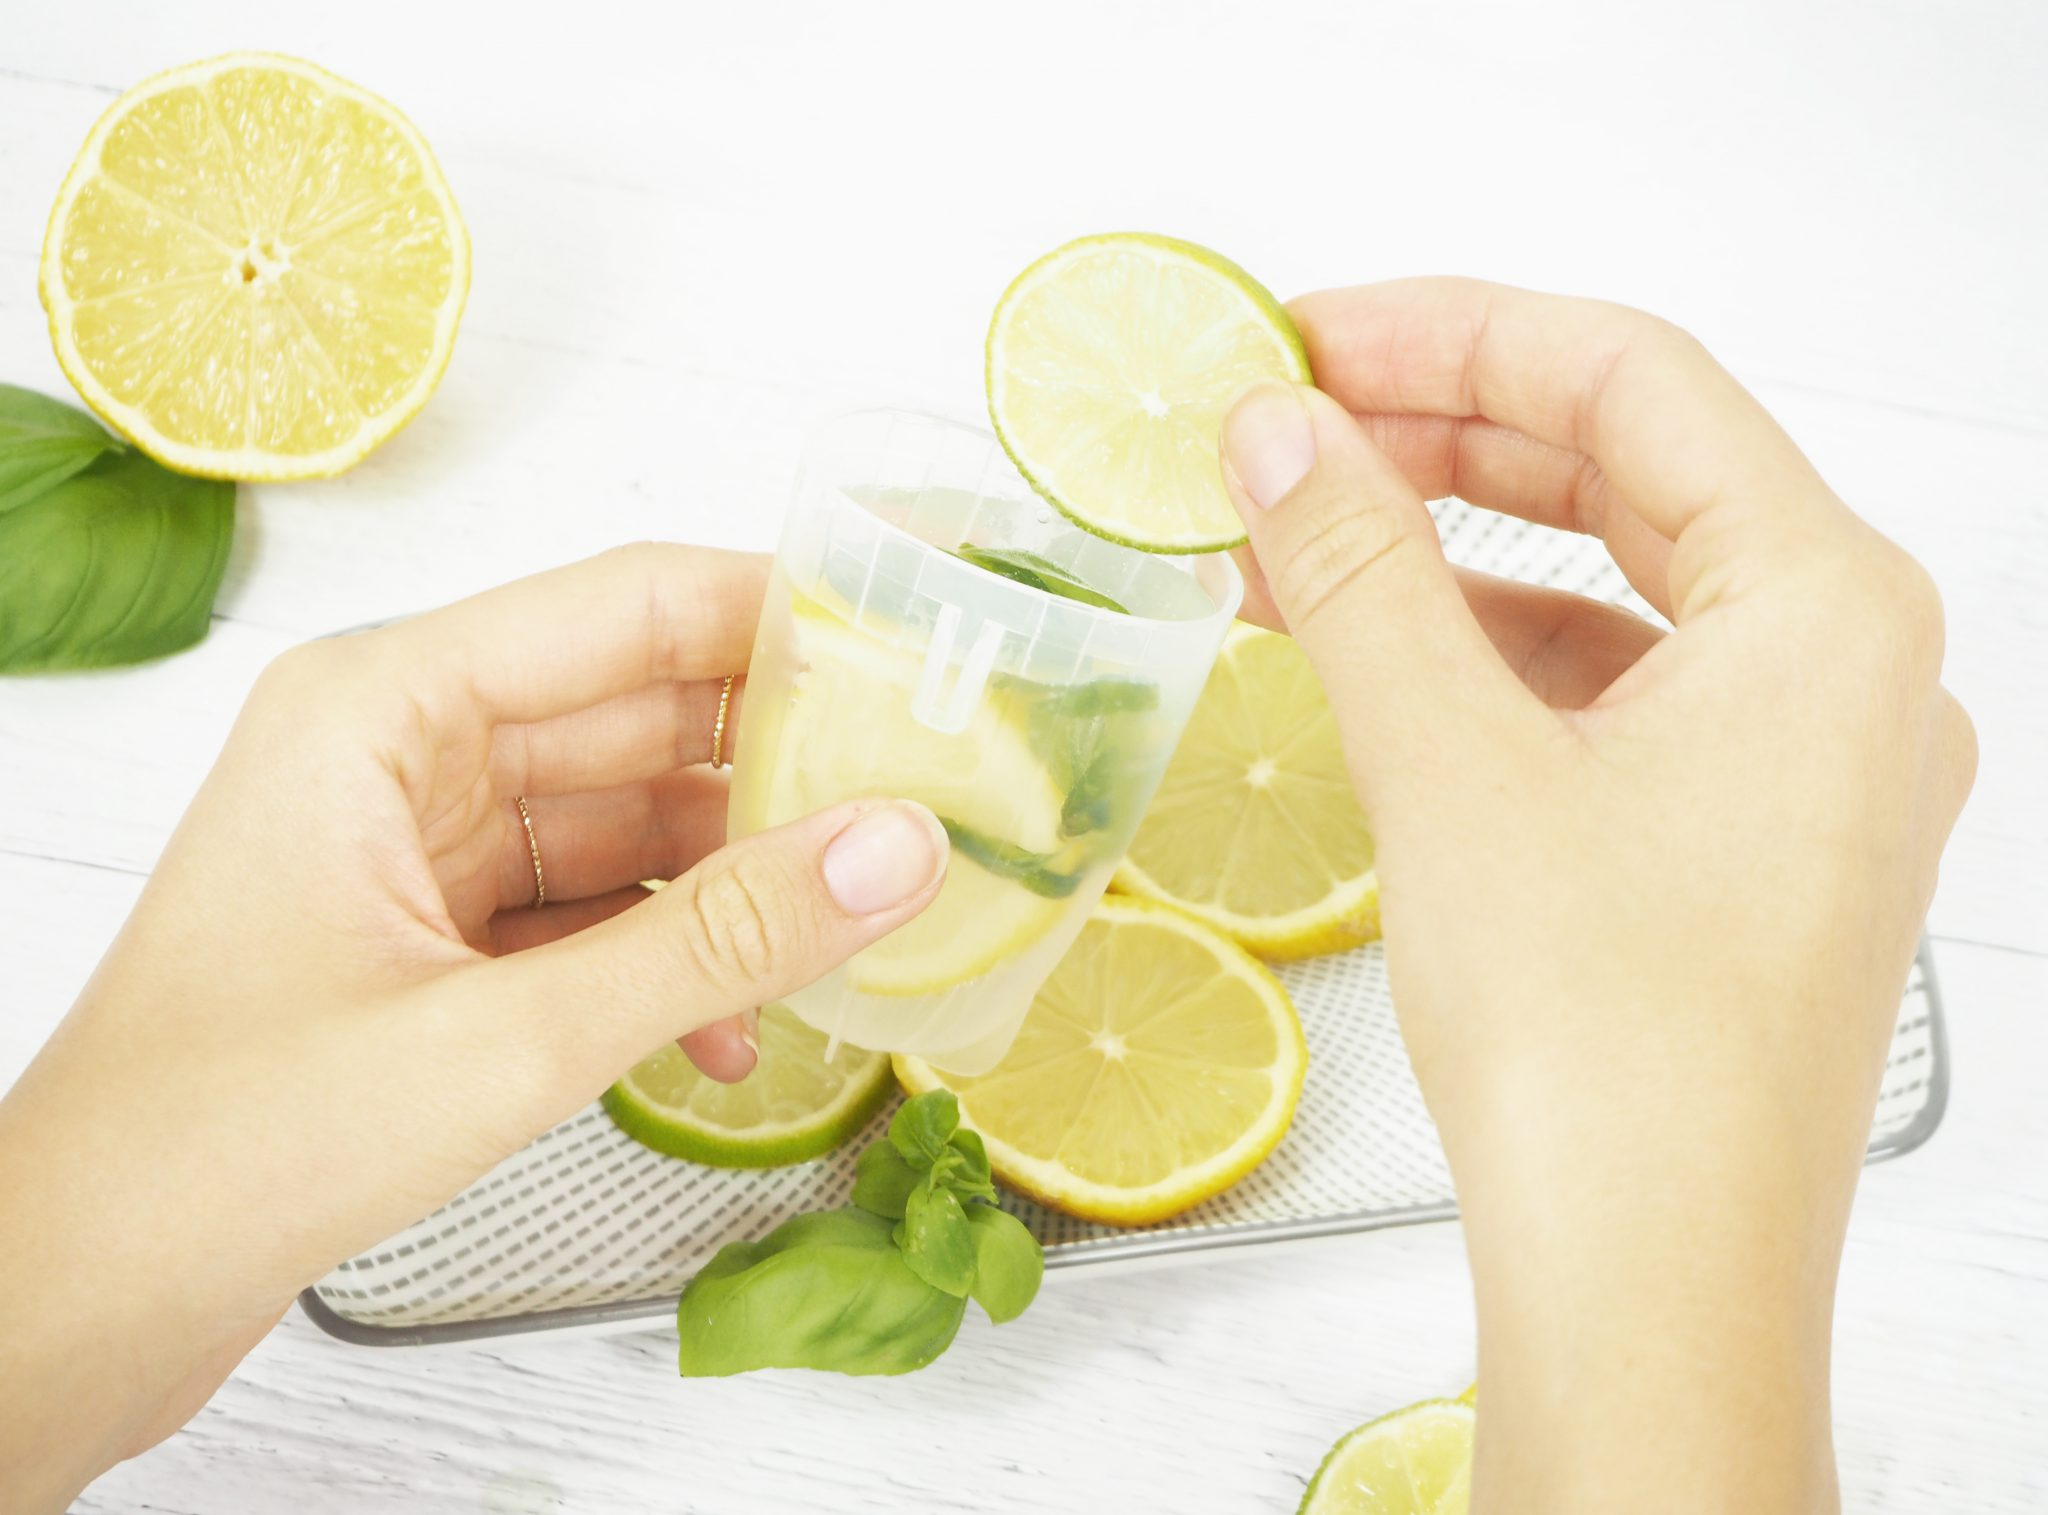 Gebe die Limetten und Zitronen in die Eisformen